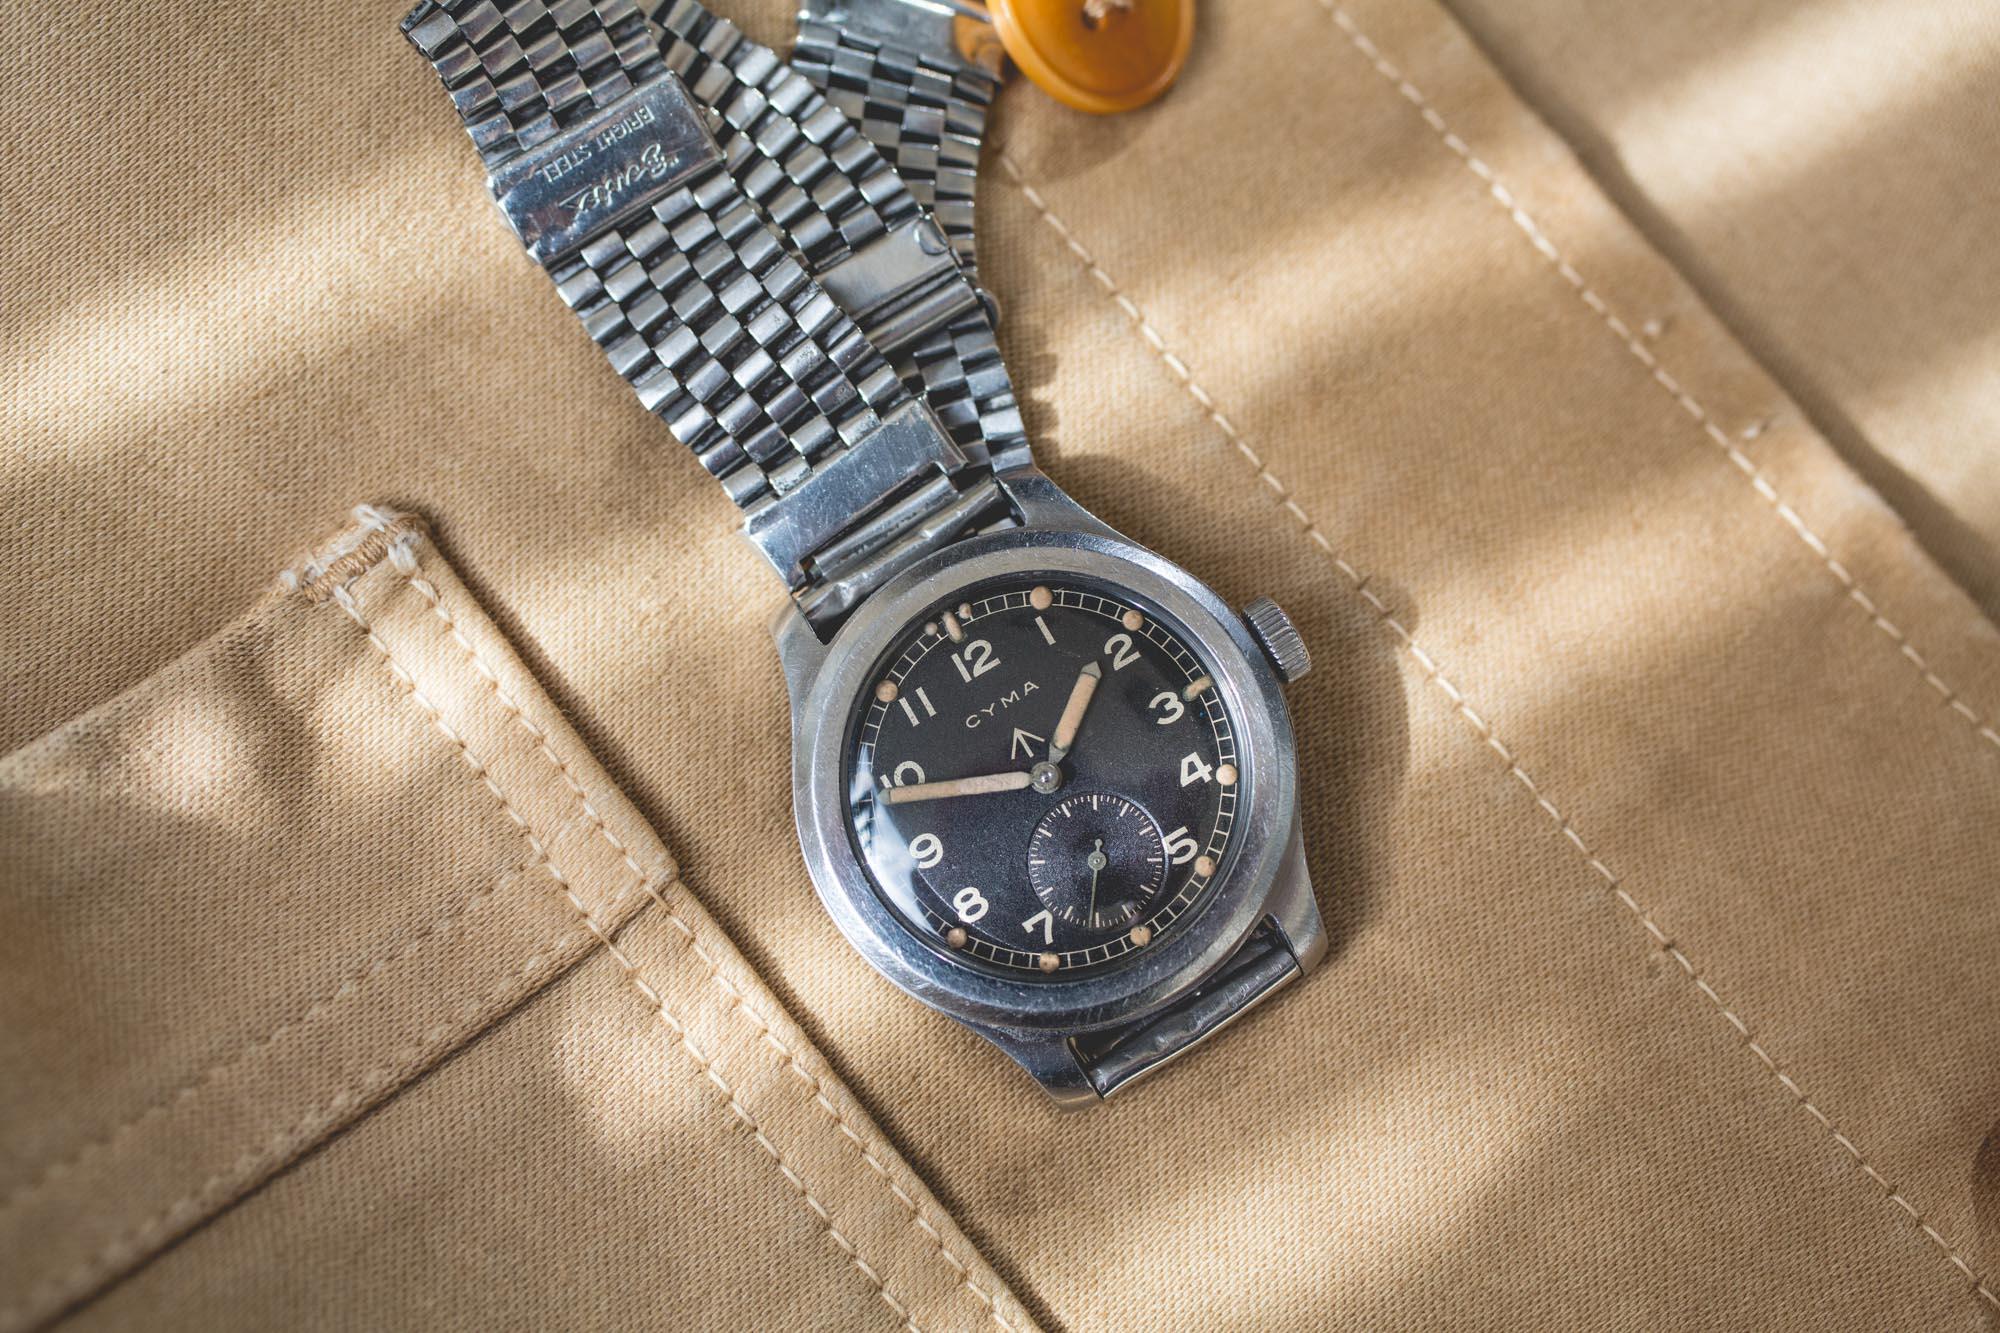 Cyma Military WWW - Bracelet Bentex